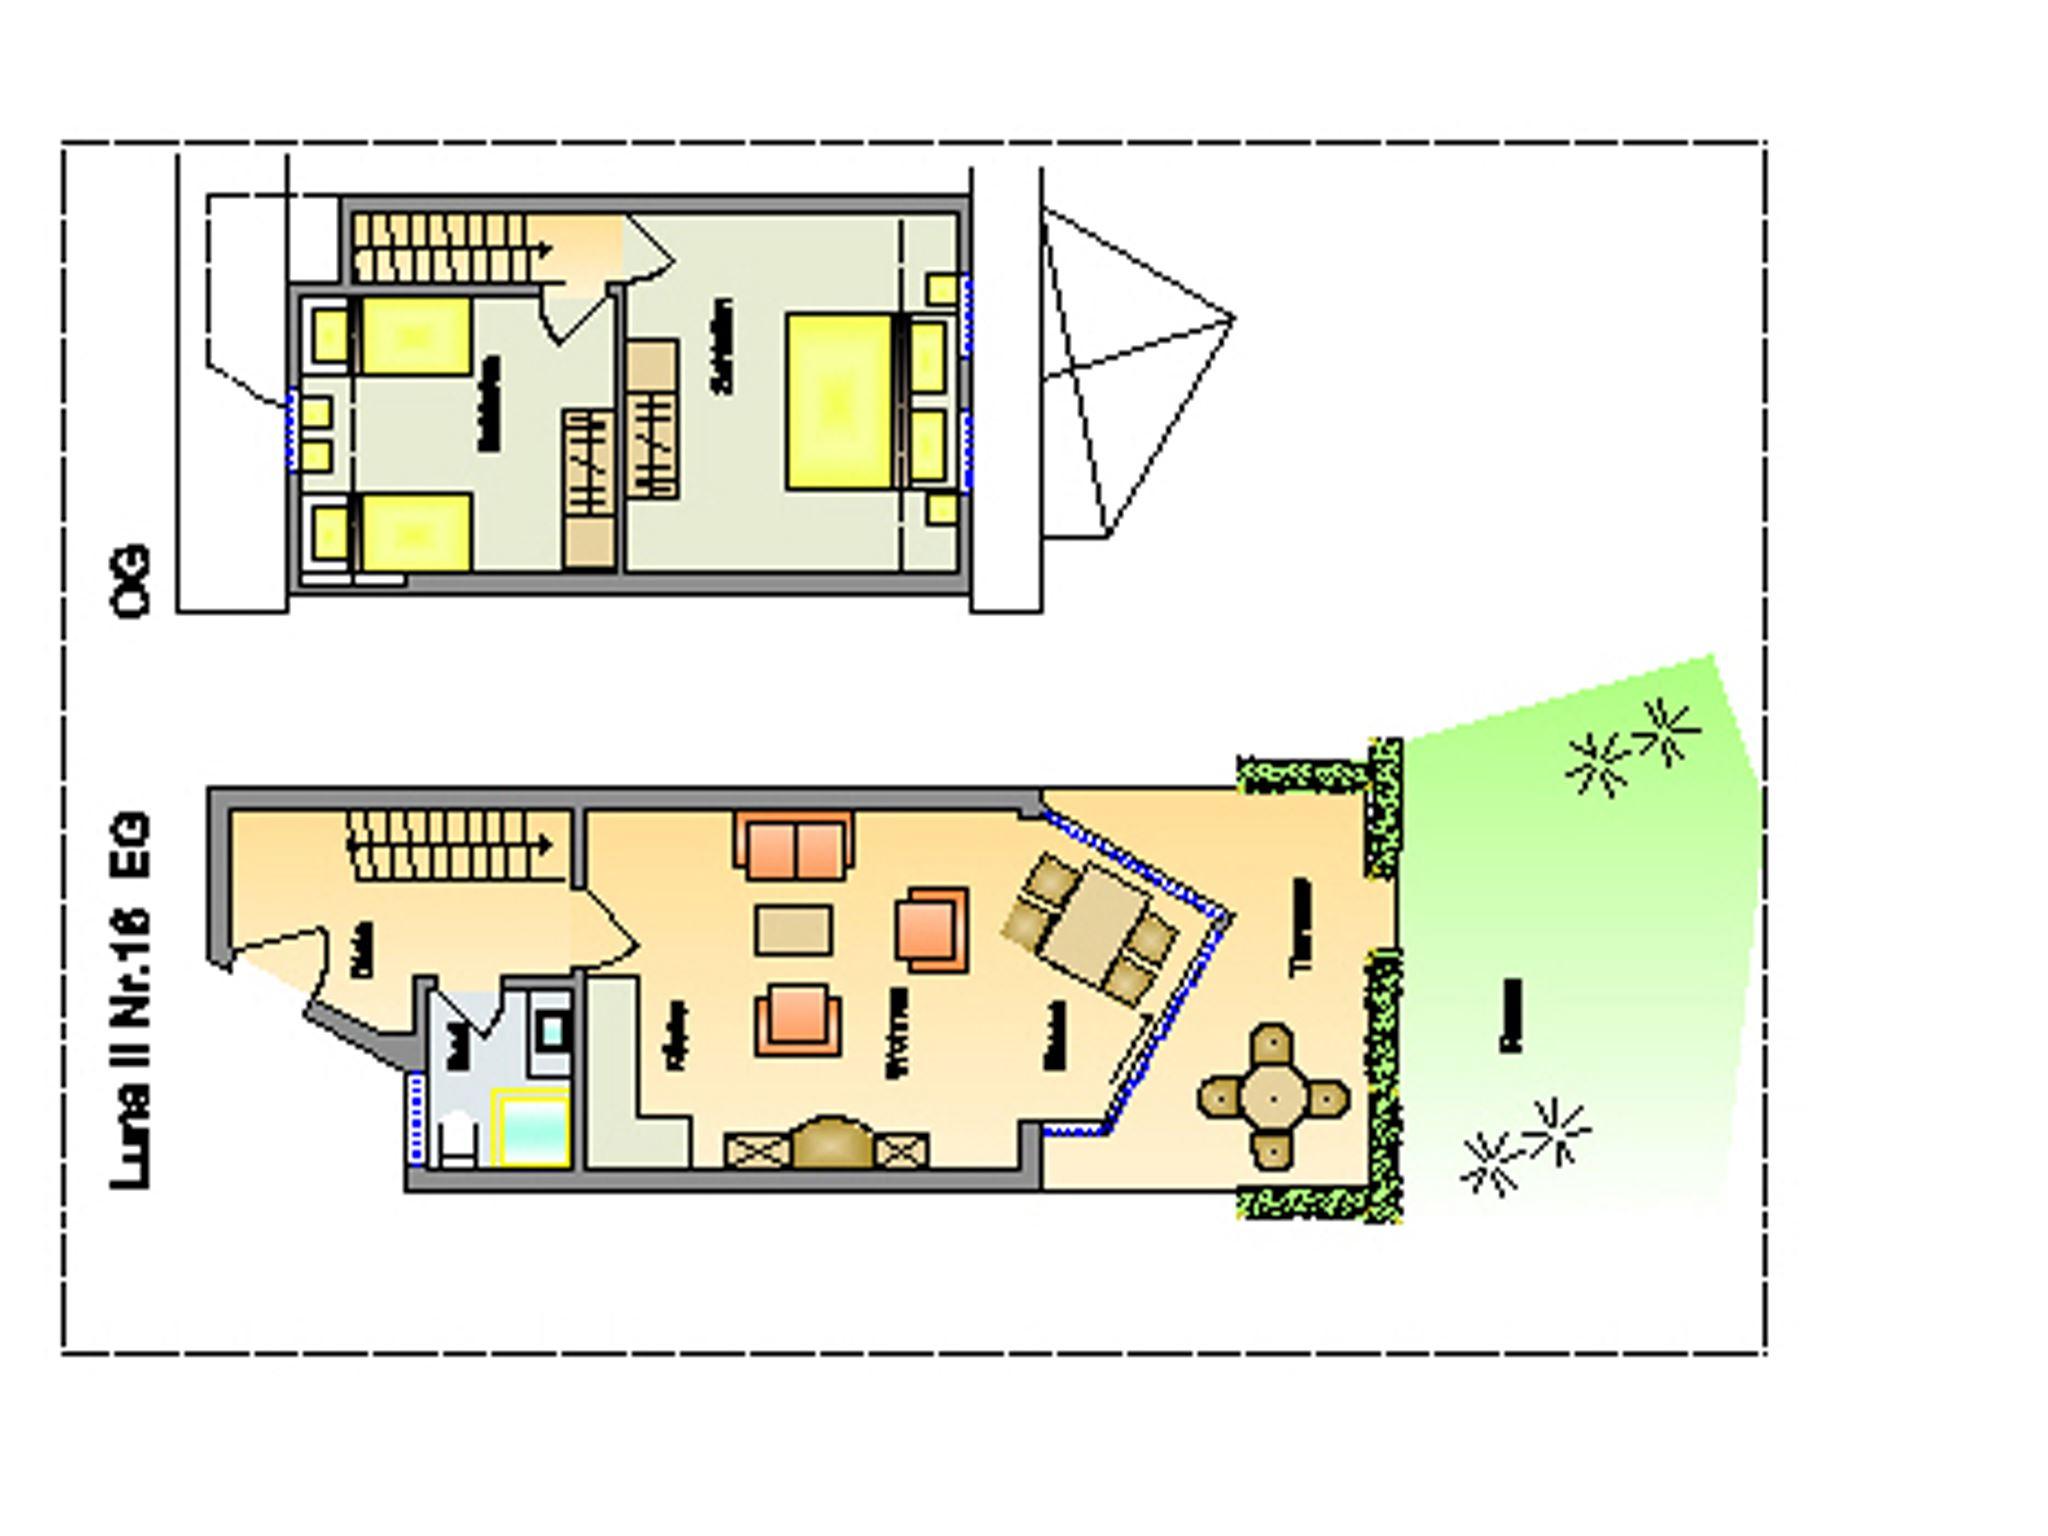 Ferienwohnung in St. Peter-Ording für 2-4 Personen, ruhig und strandnah Luna II Nr. 16